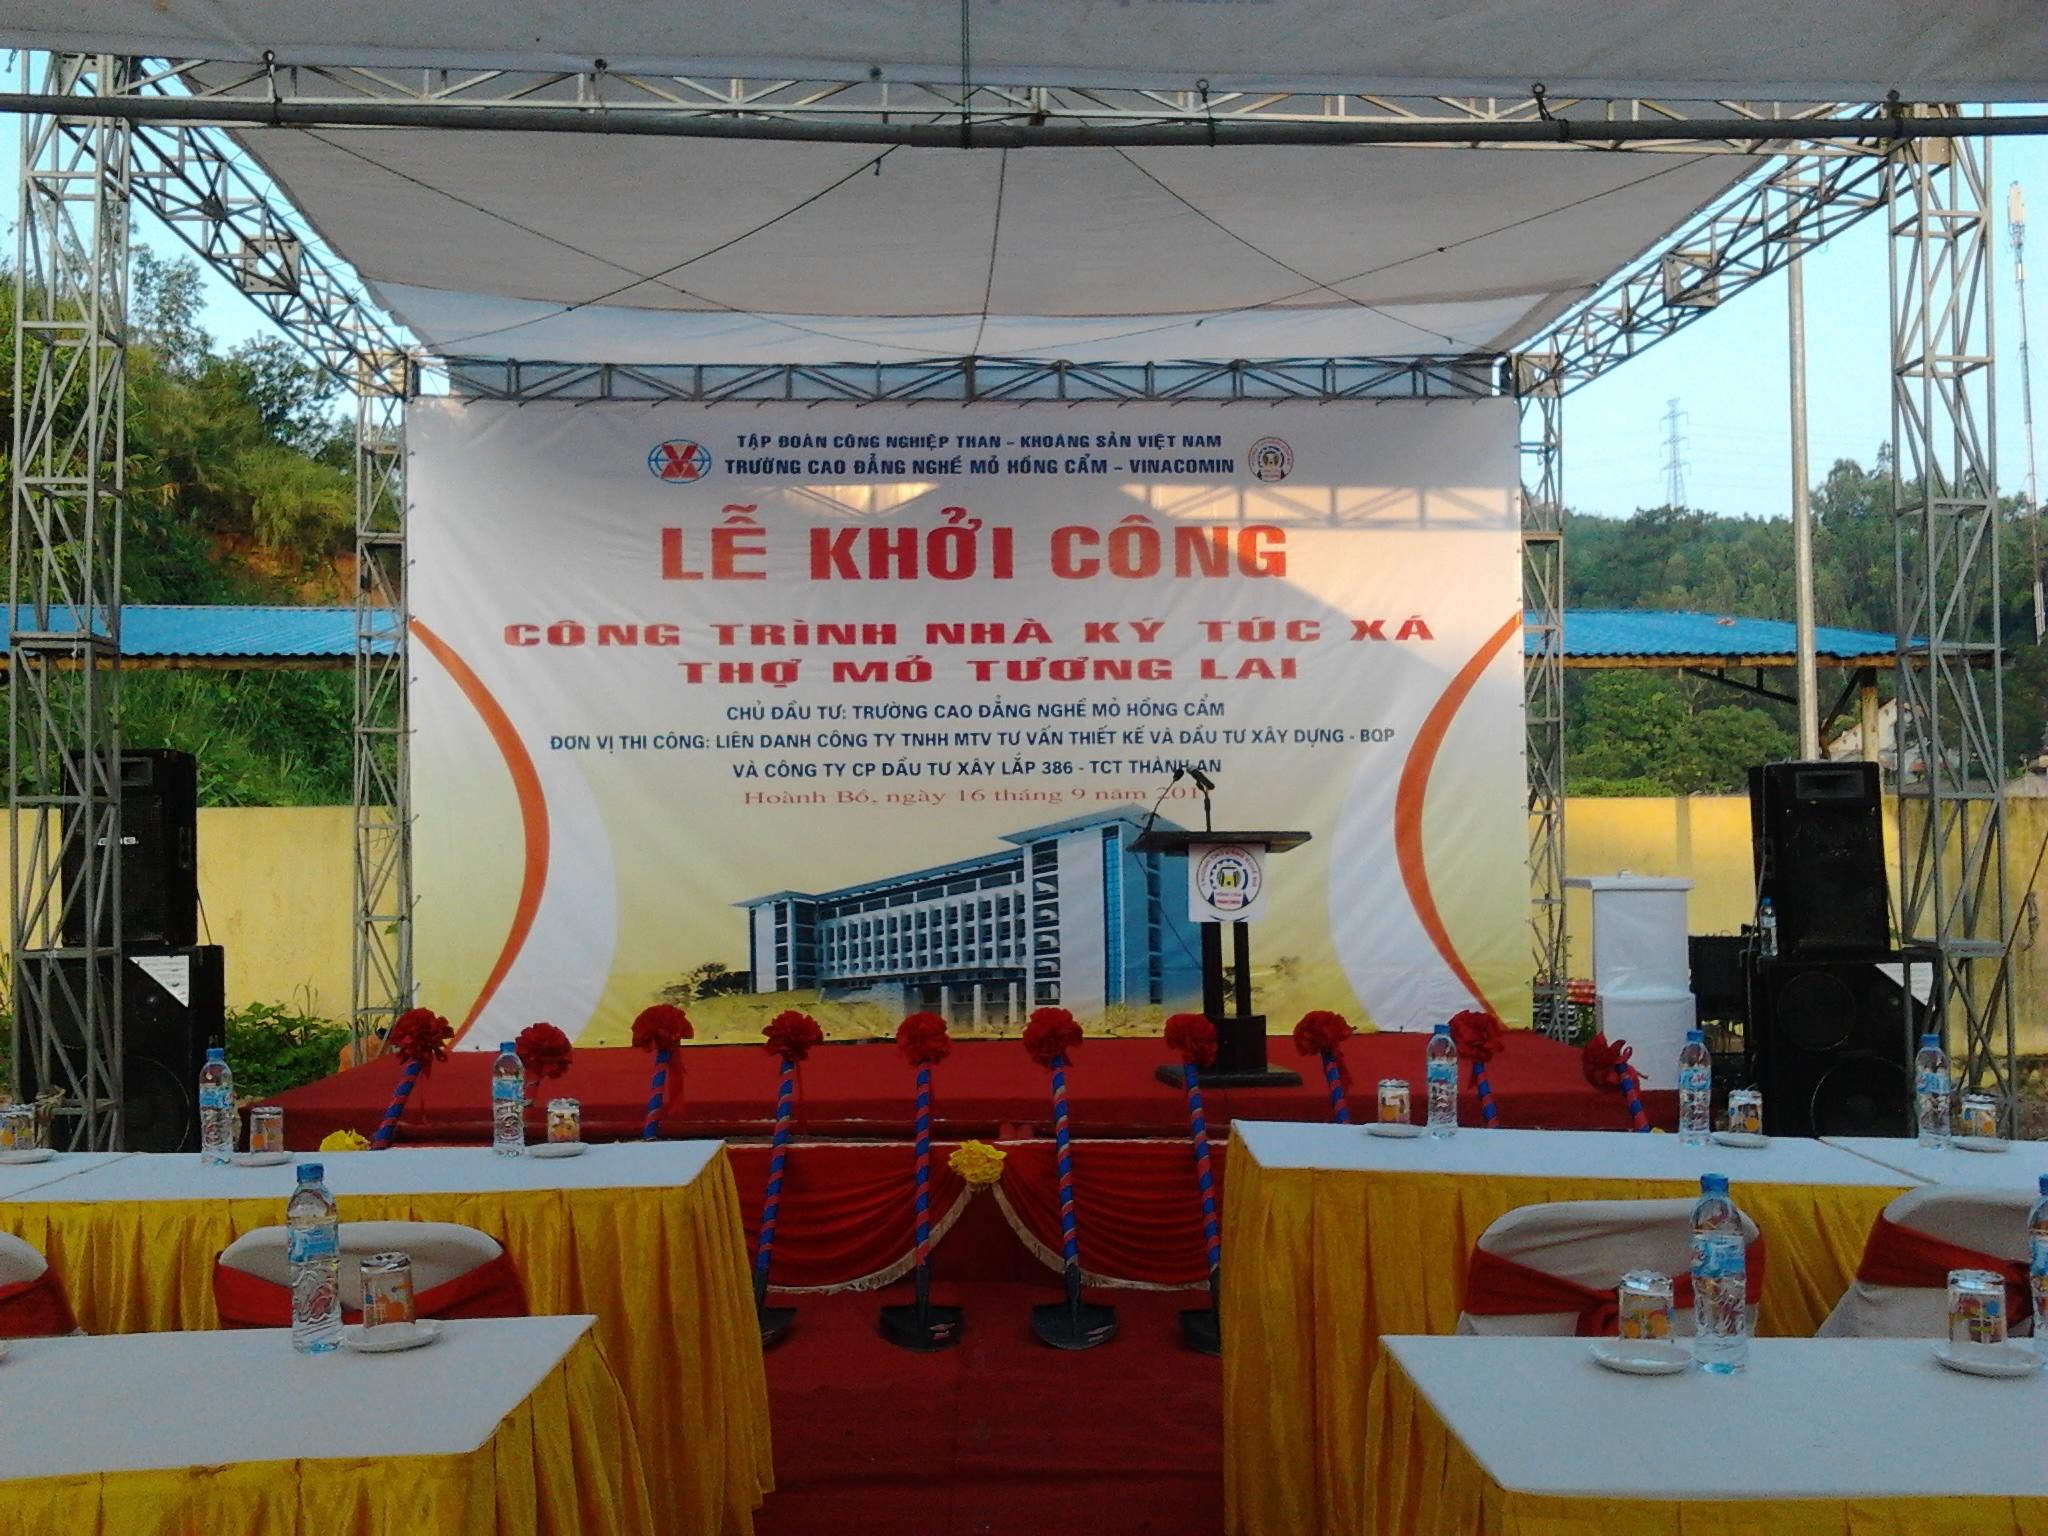 Perfect Media tổ chức sự kiện lễ khởi công tại Quảng Ninh